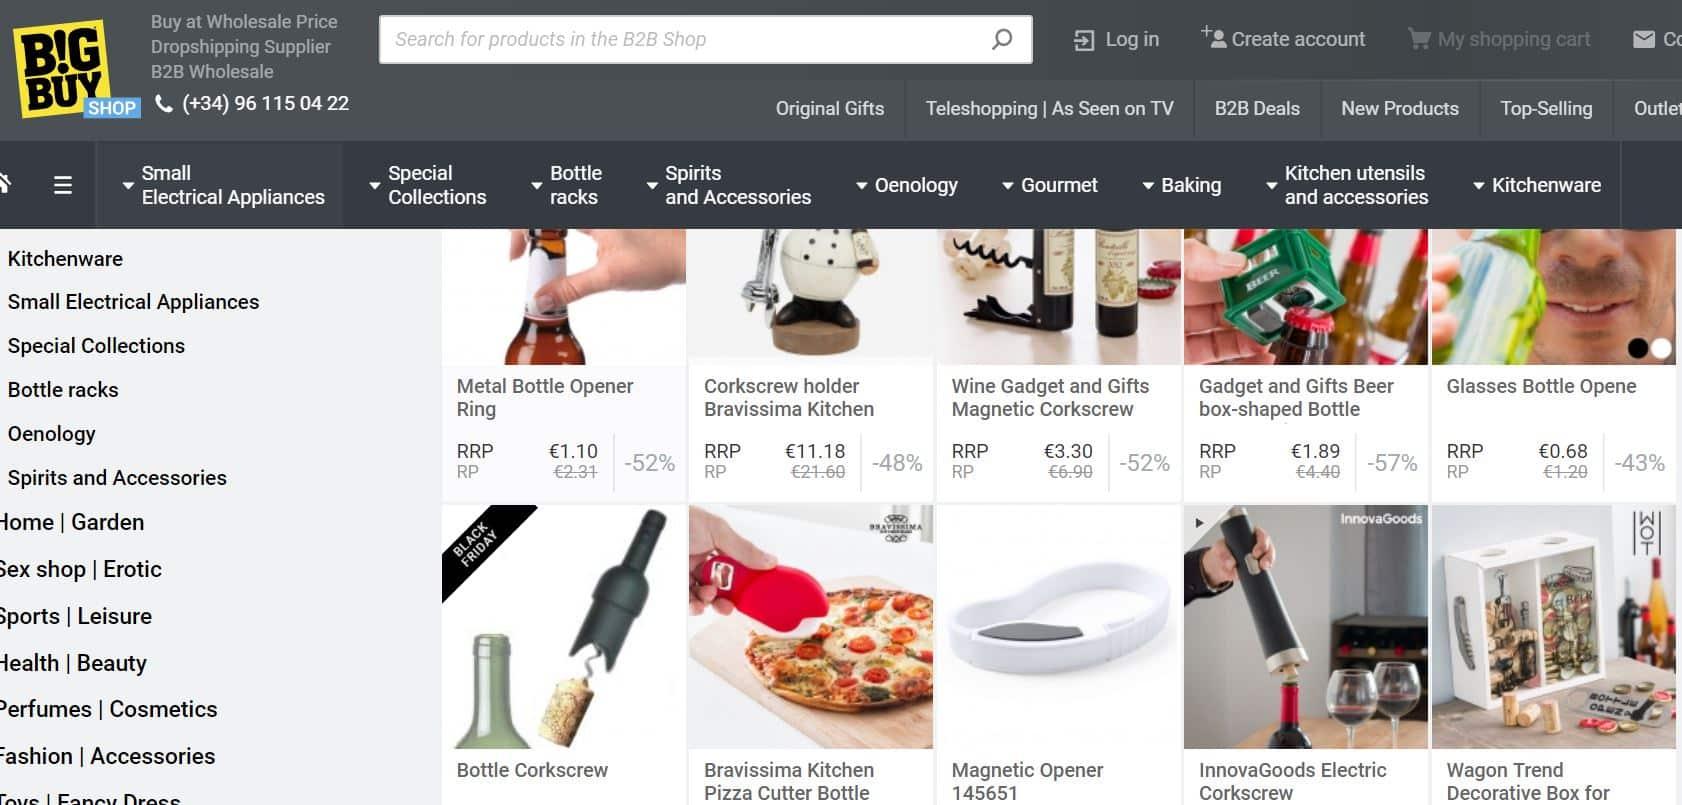 Le catalogue cuisine et sport de Bigbuy avec les prix des produits.